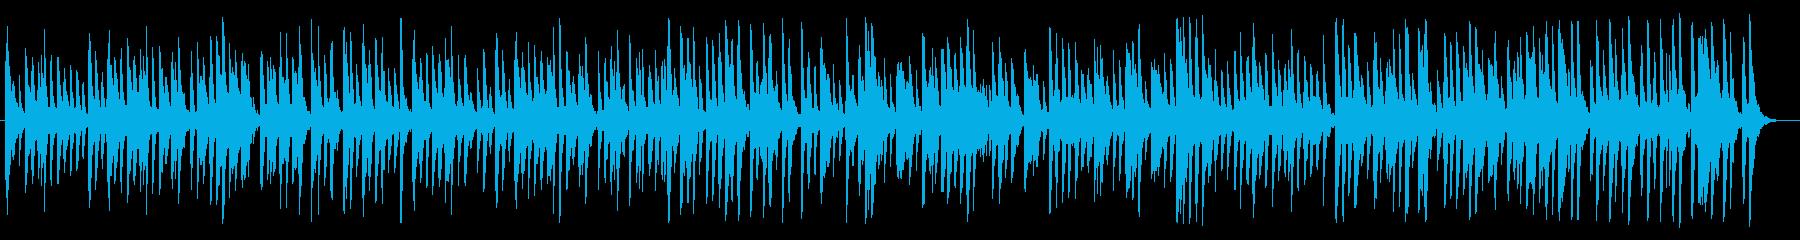 ほのぼの、のんびり明るいピアノBGMの再生済みの波形